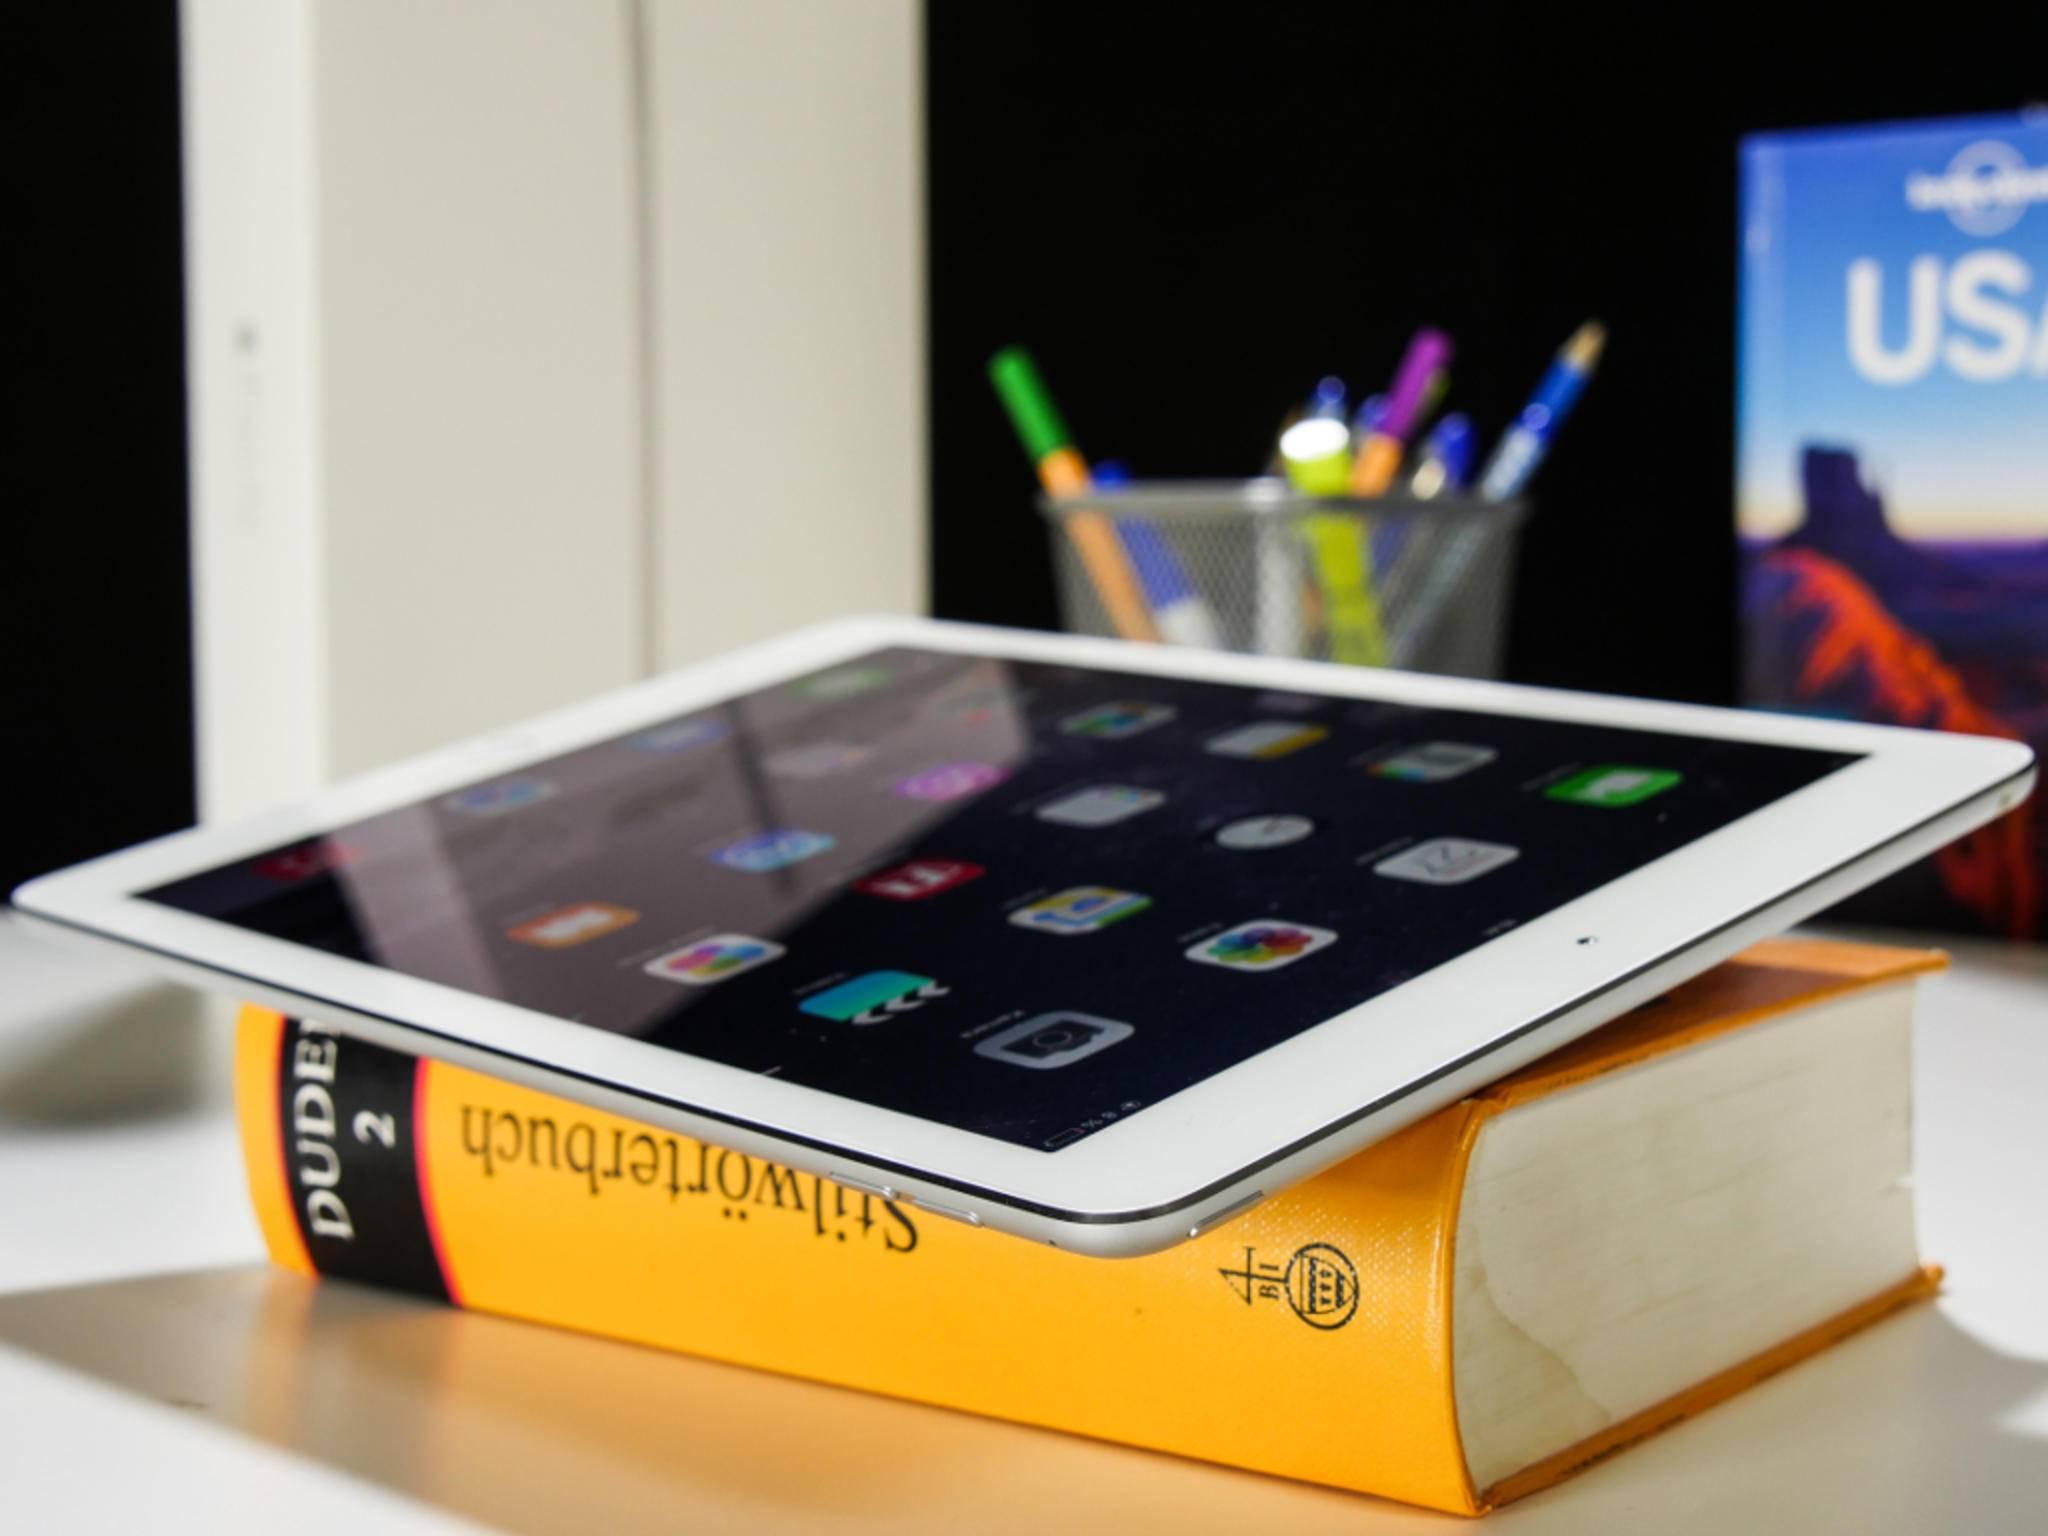 Das iPad Air 2 stand beim Design des neuen iPad mini 4 vermutlich Pate.